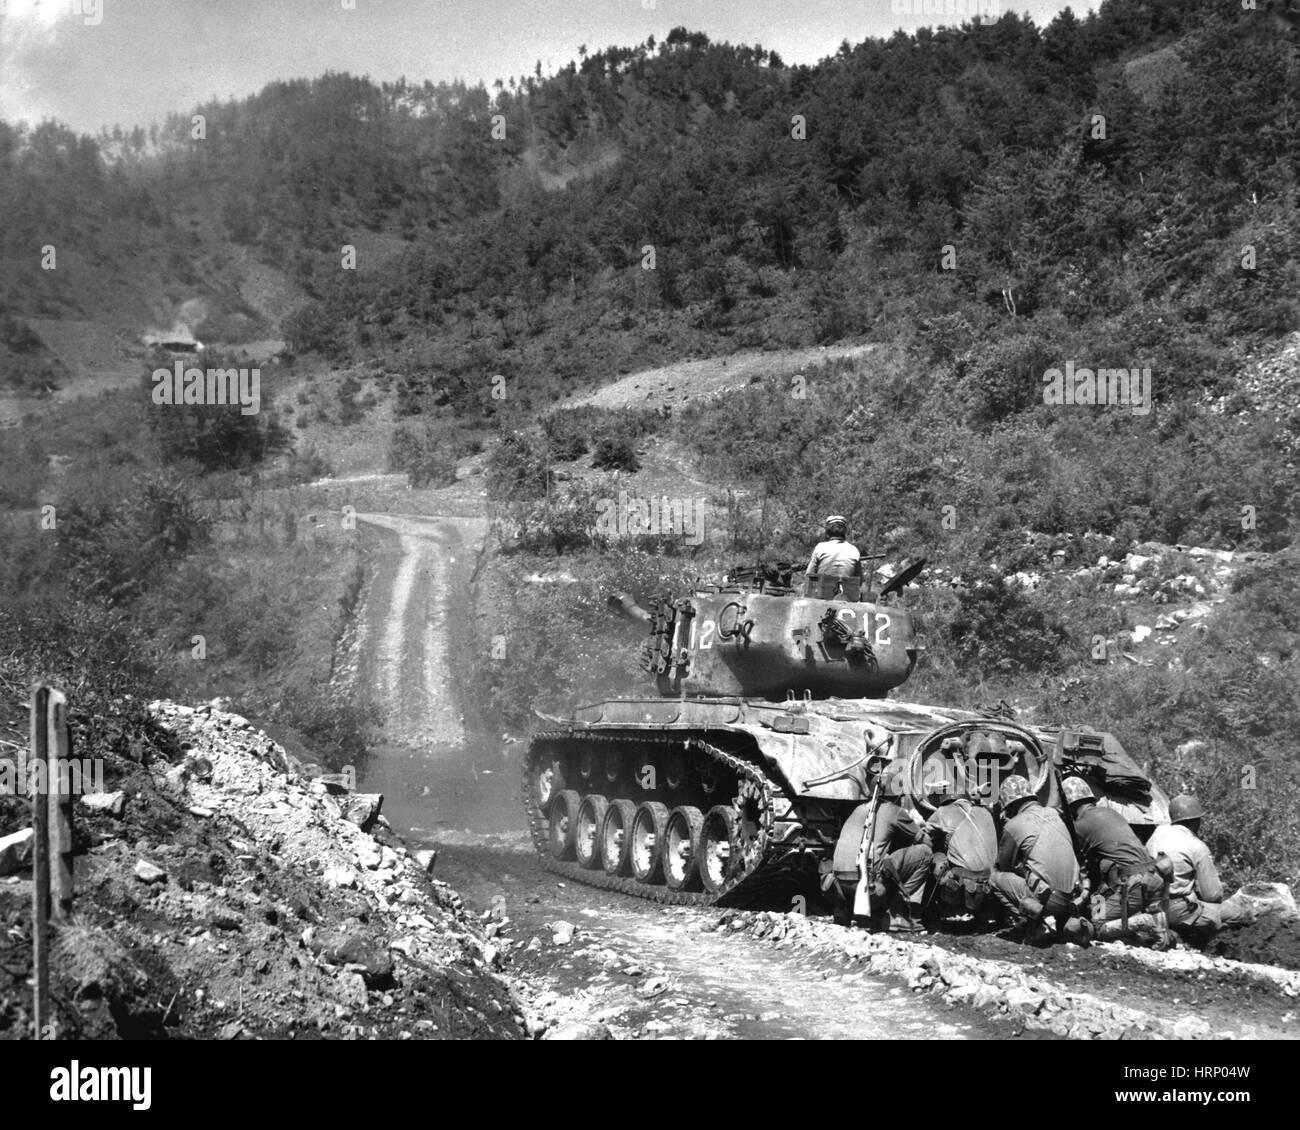 Korean War, Marines Take Cover, 1951 - Stock Image